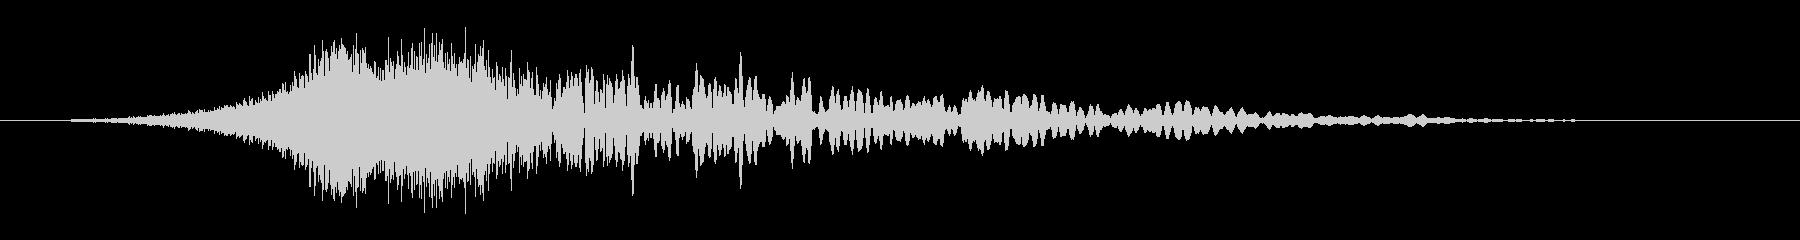 パワフルなフォースフーシュ2の未再生の波形